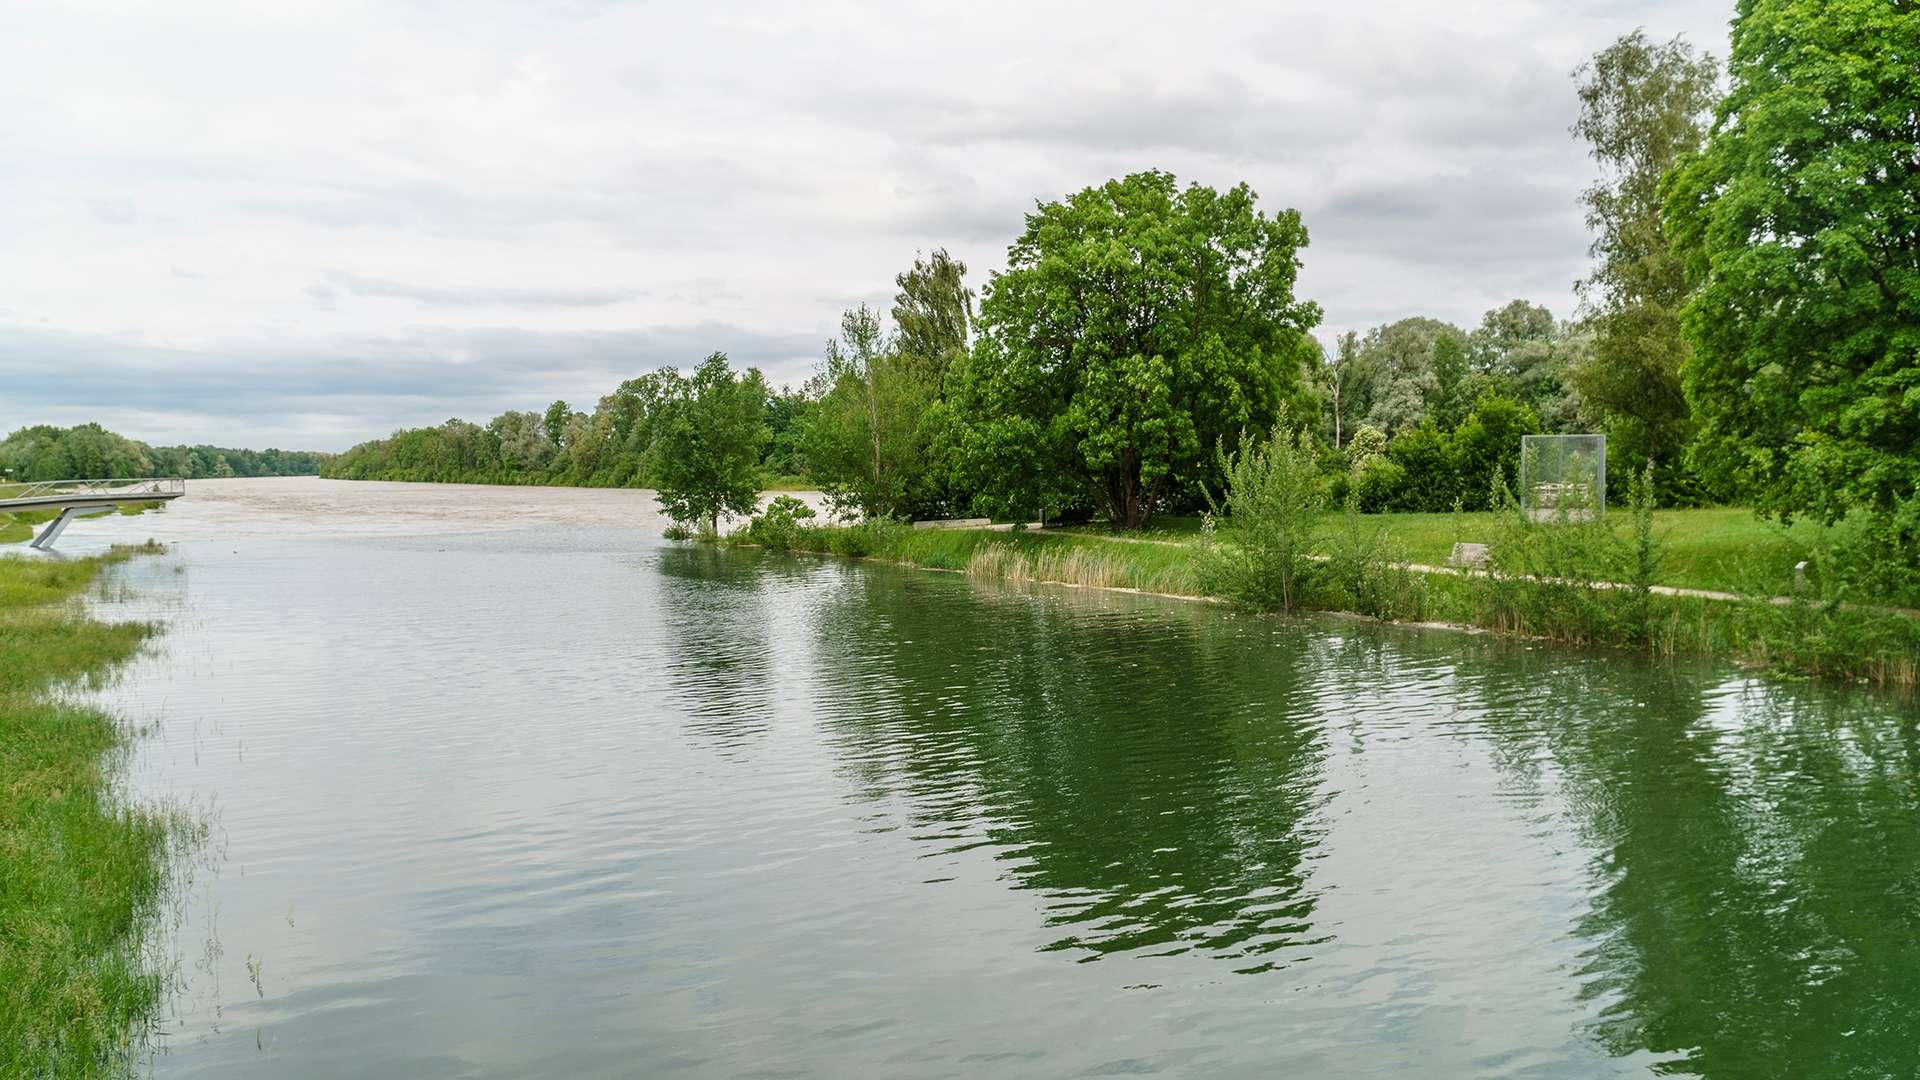 Blick auf den Inn mit Bäumen am Ufer